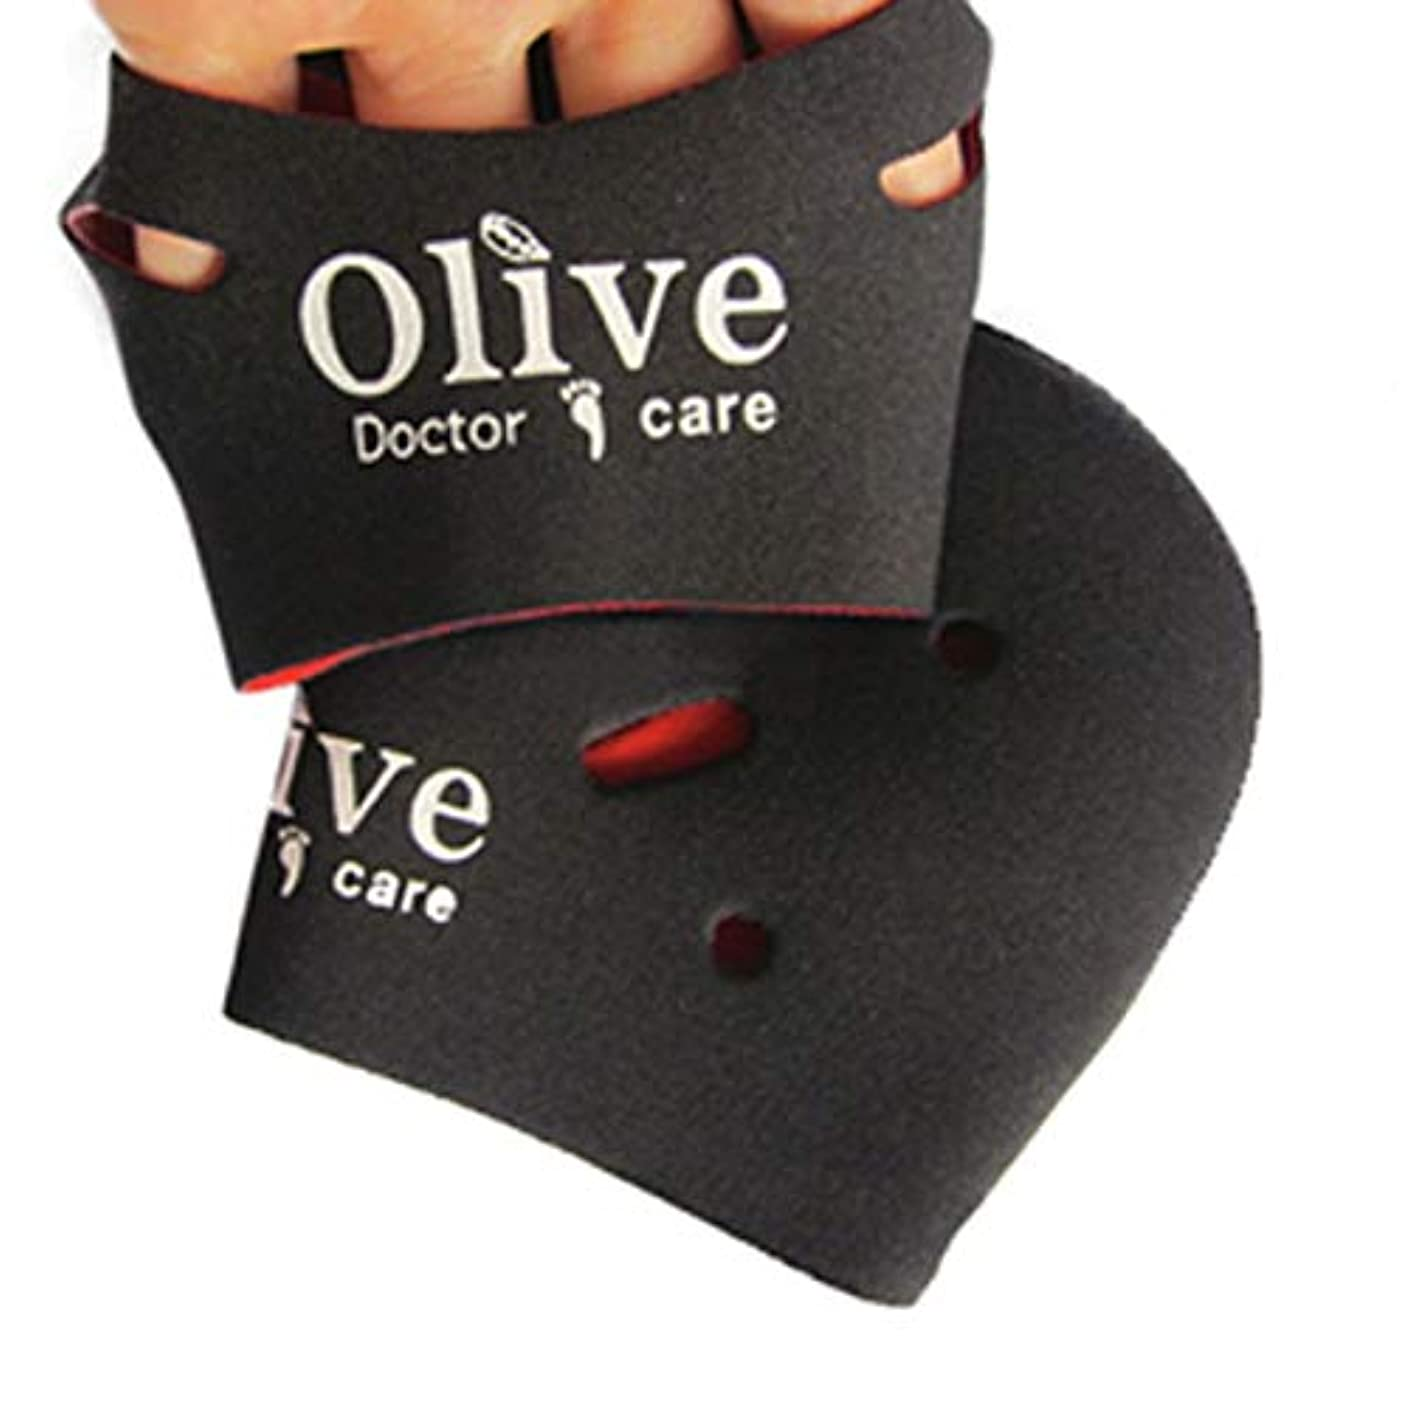 導体ジュース剛性[NICE-SHOP]かかとケア靴下 Olive Doctor Care